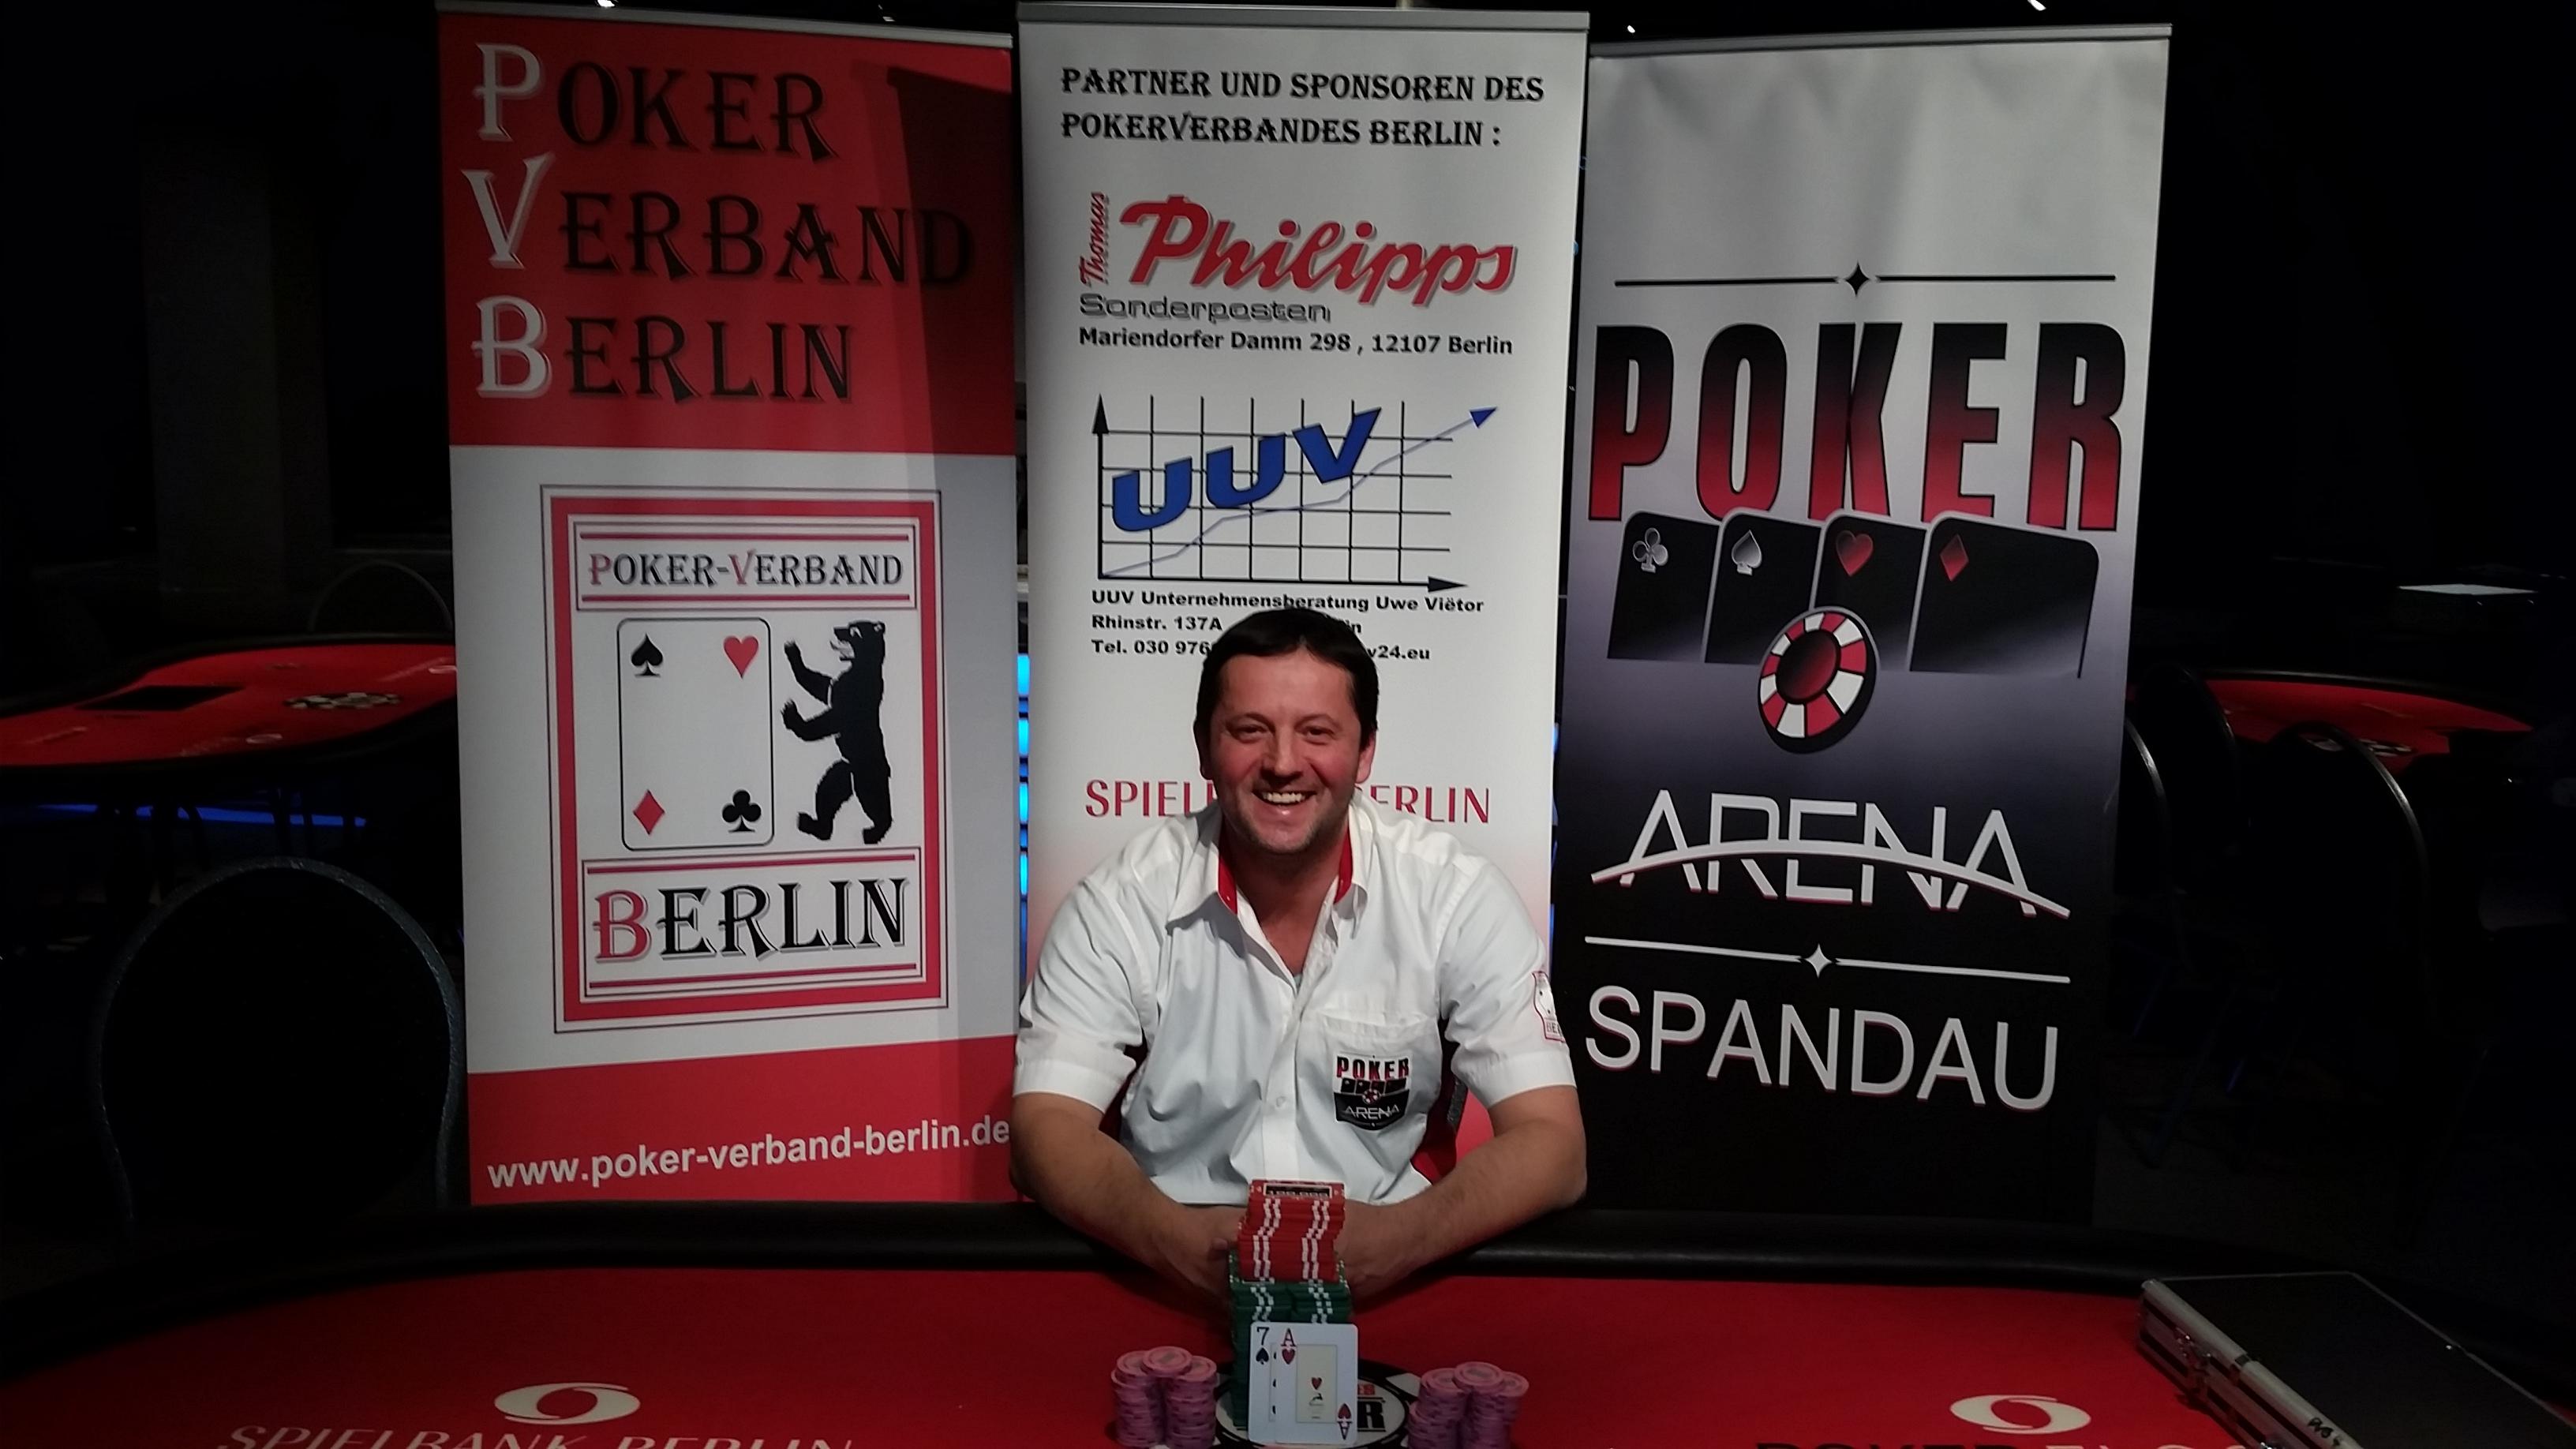 Der Gewinner : Rade Vitomir von der PokerArena Spandau e.V.